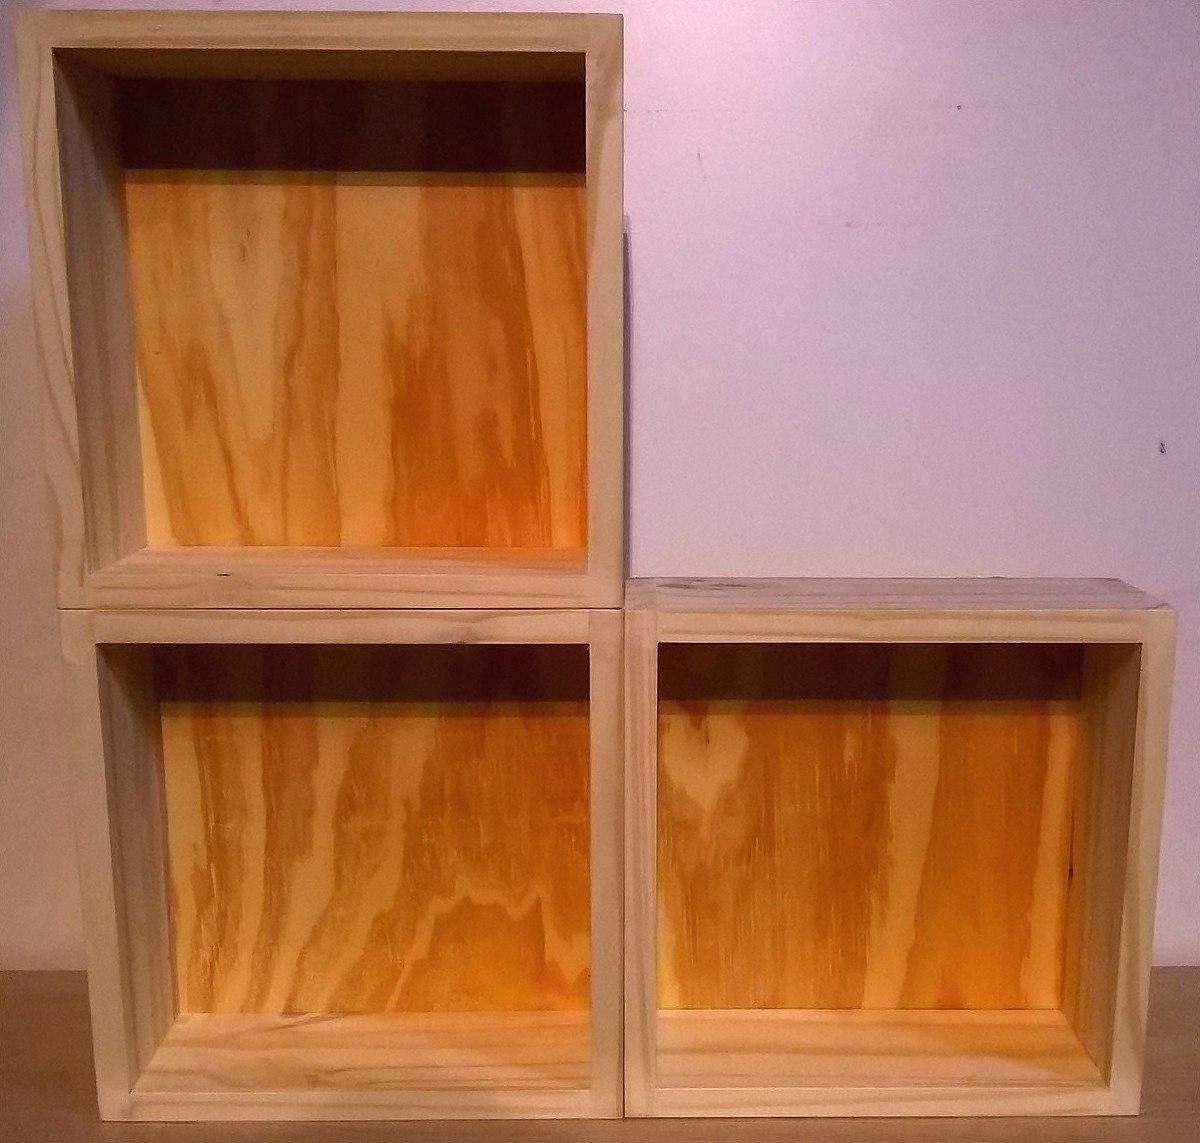 Estanteria fondo 20 cm free libreria xx cm madera y metal for Mueble 10 cm fondo